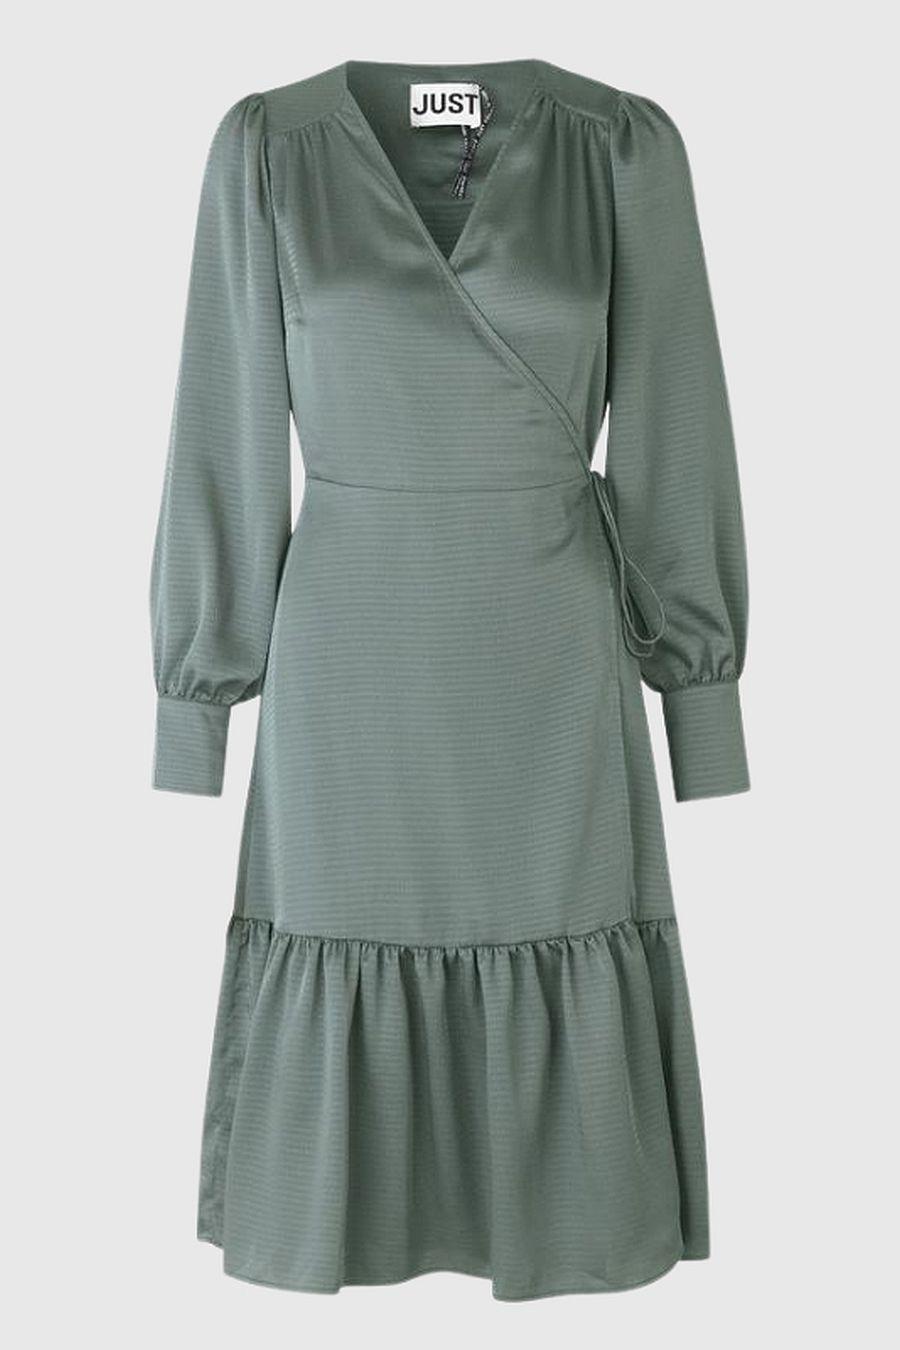 Just Female Minnie Wrap Dress - Balsam Green